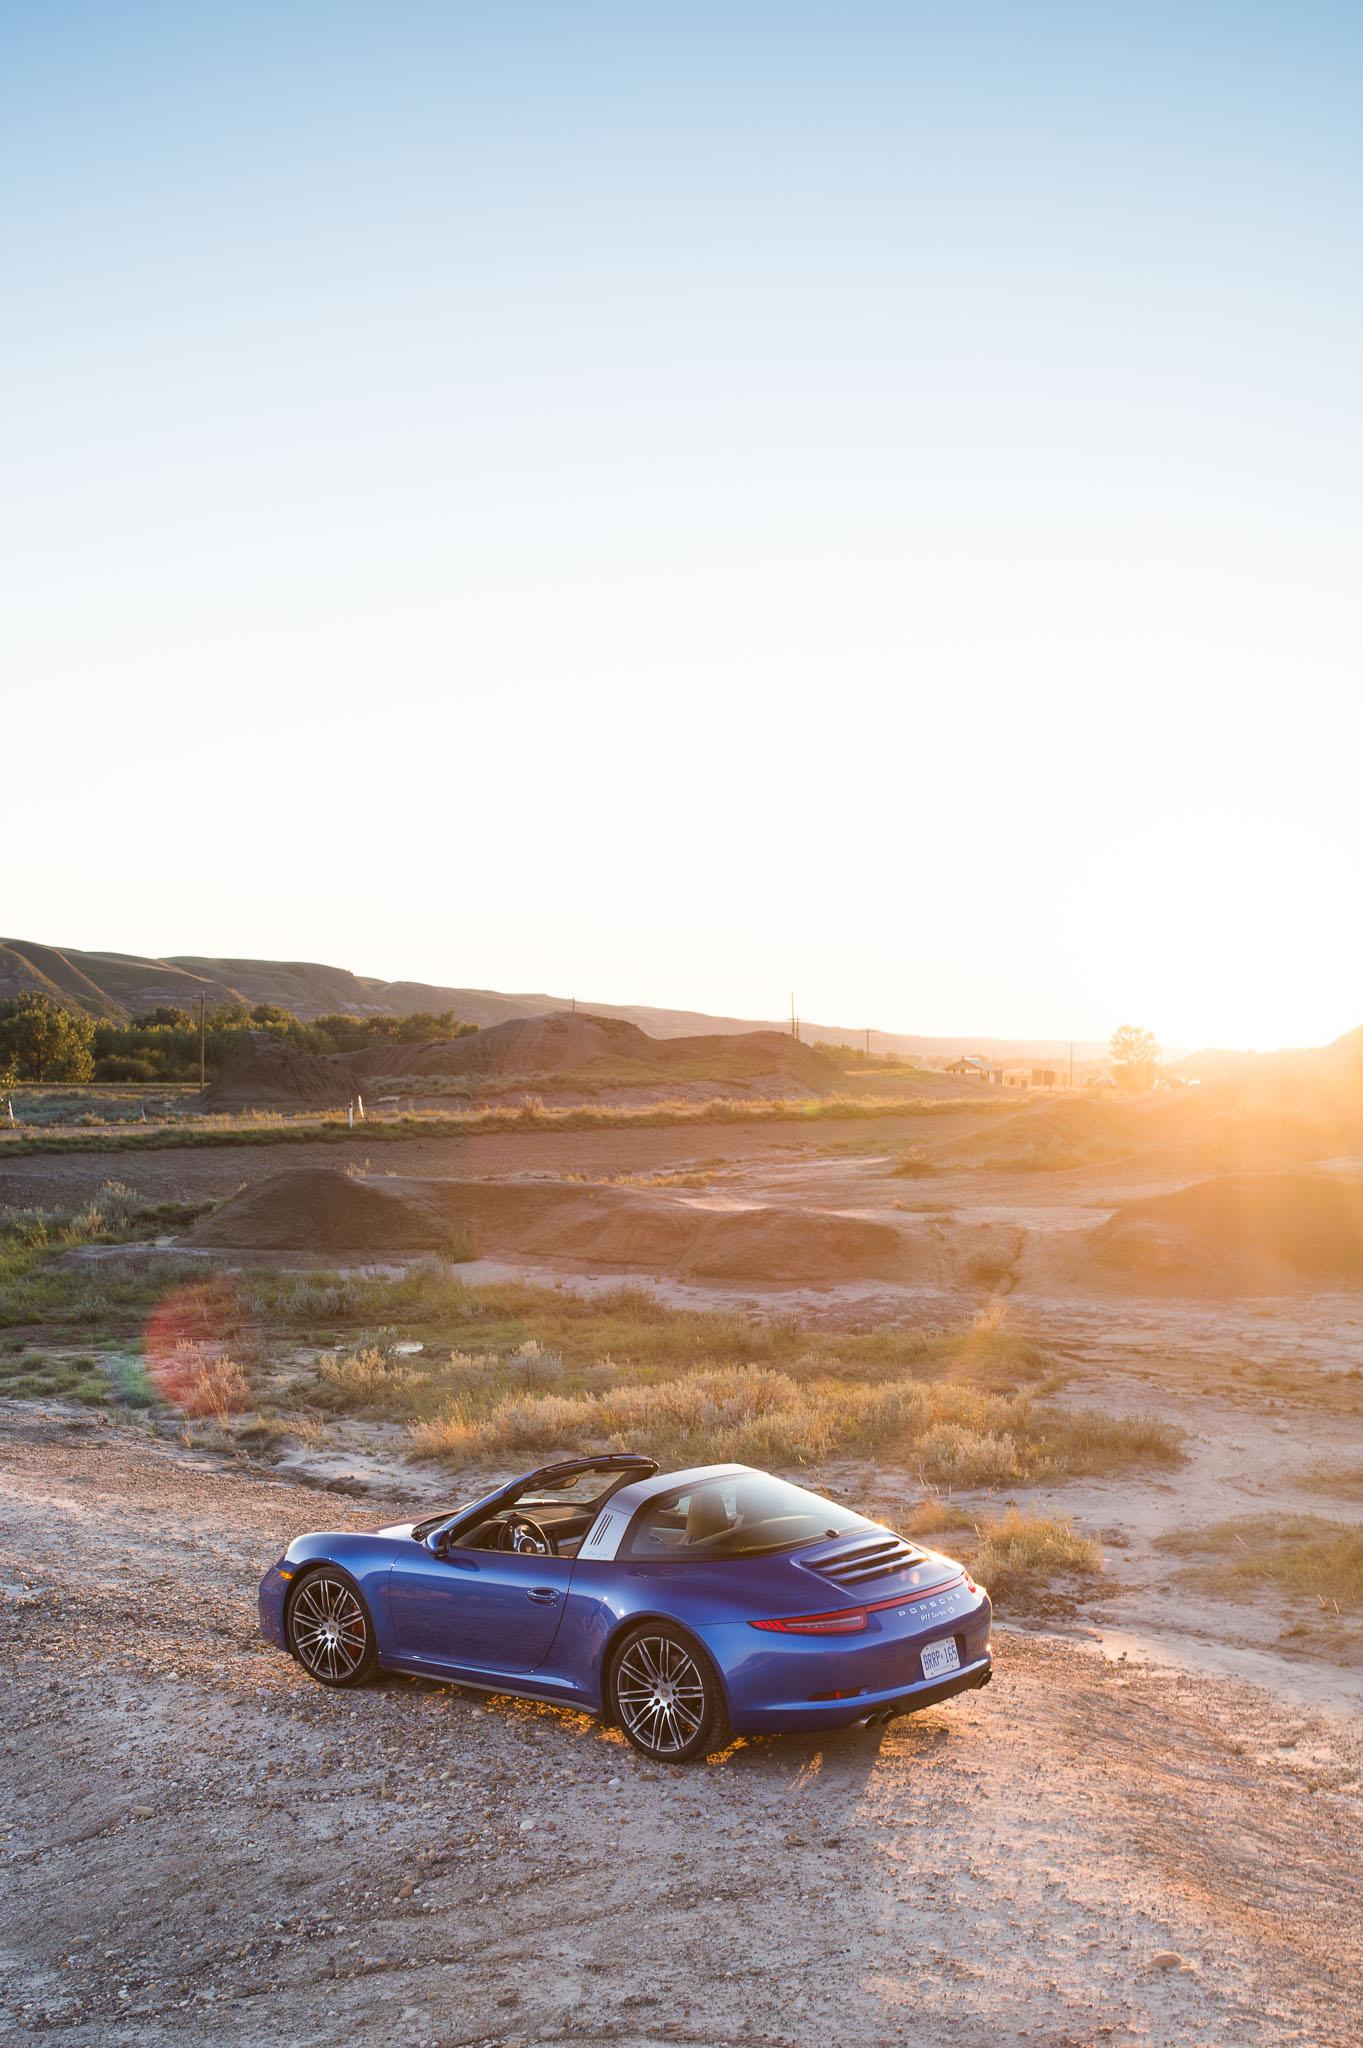 Robert Albertin Photography-Blue Porsche Targa 4S-After.jpg